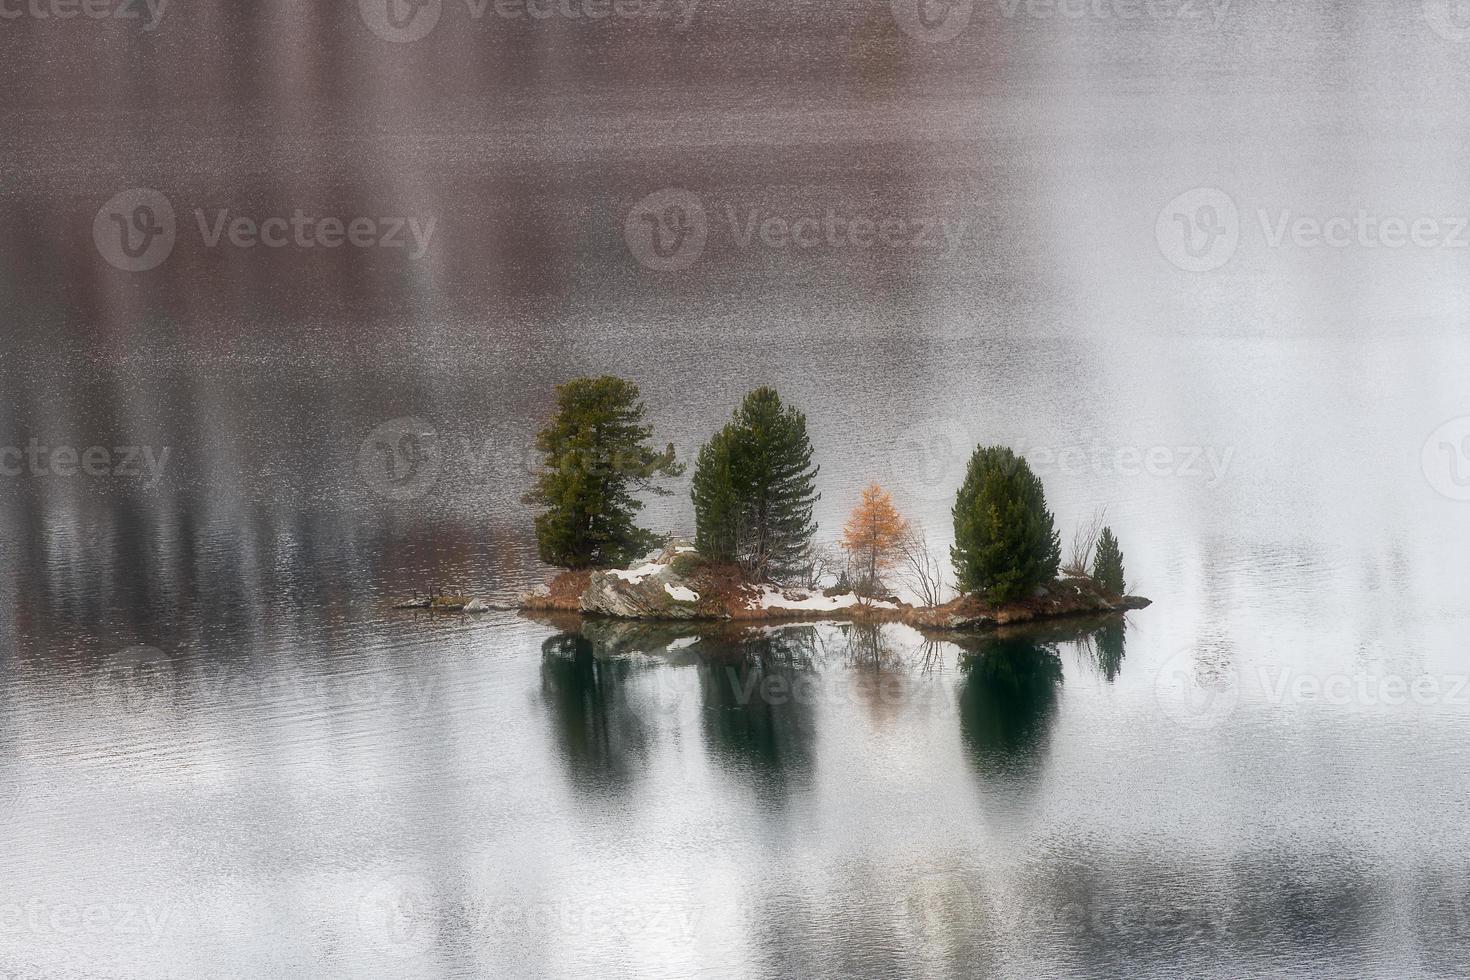 pequeña isla con plantas en un lago de montaña foto